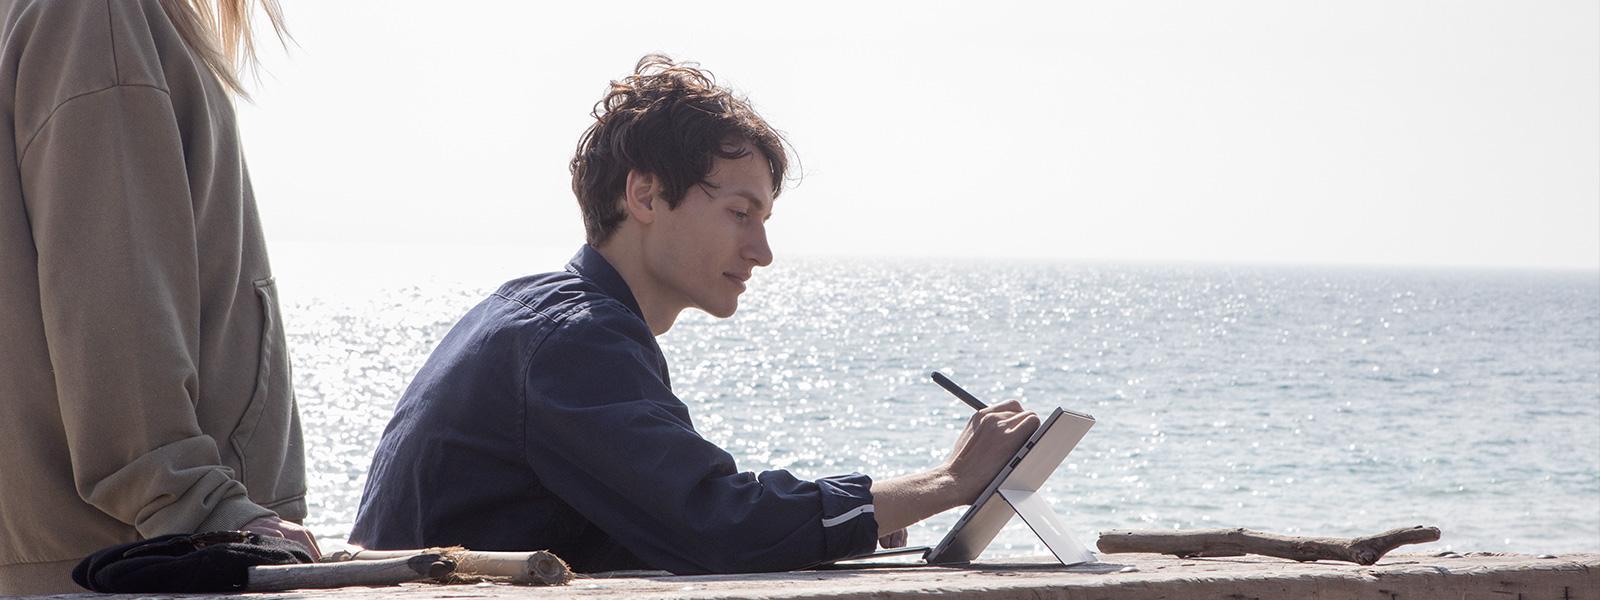 Mies käyttämässä Surface Prota ulkotiloissa